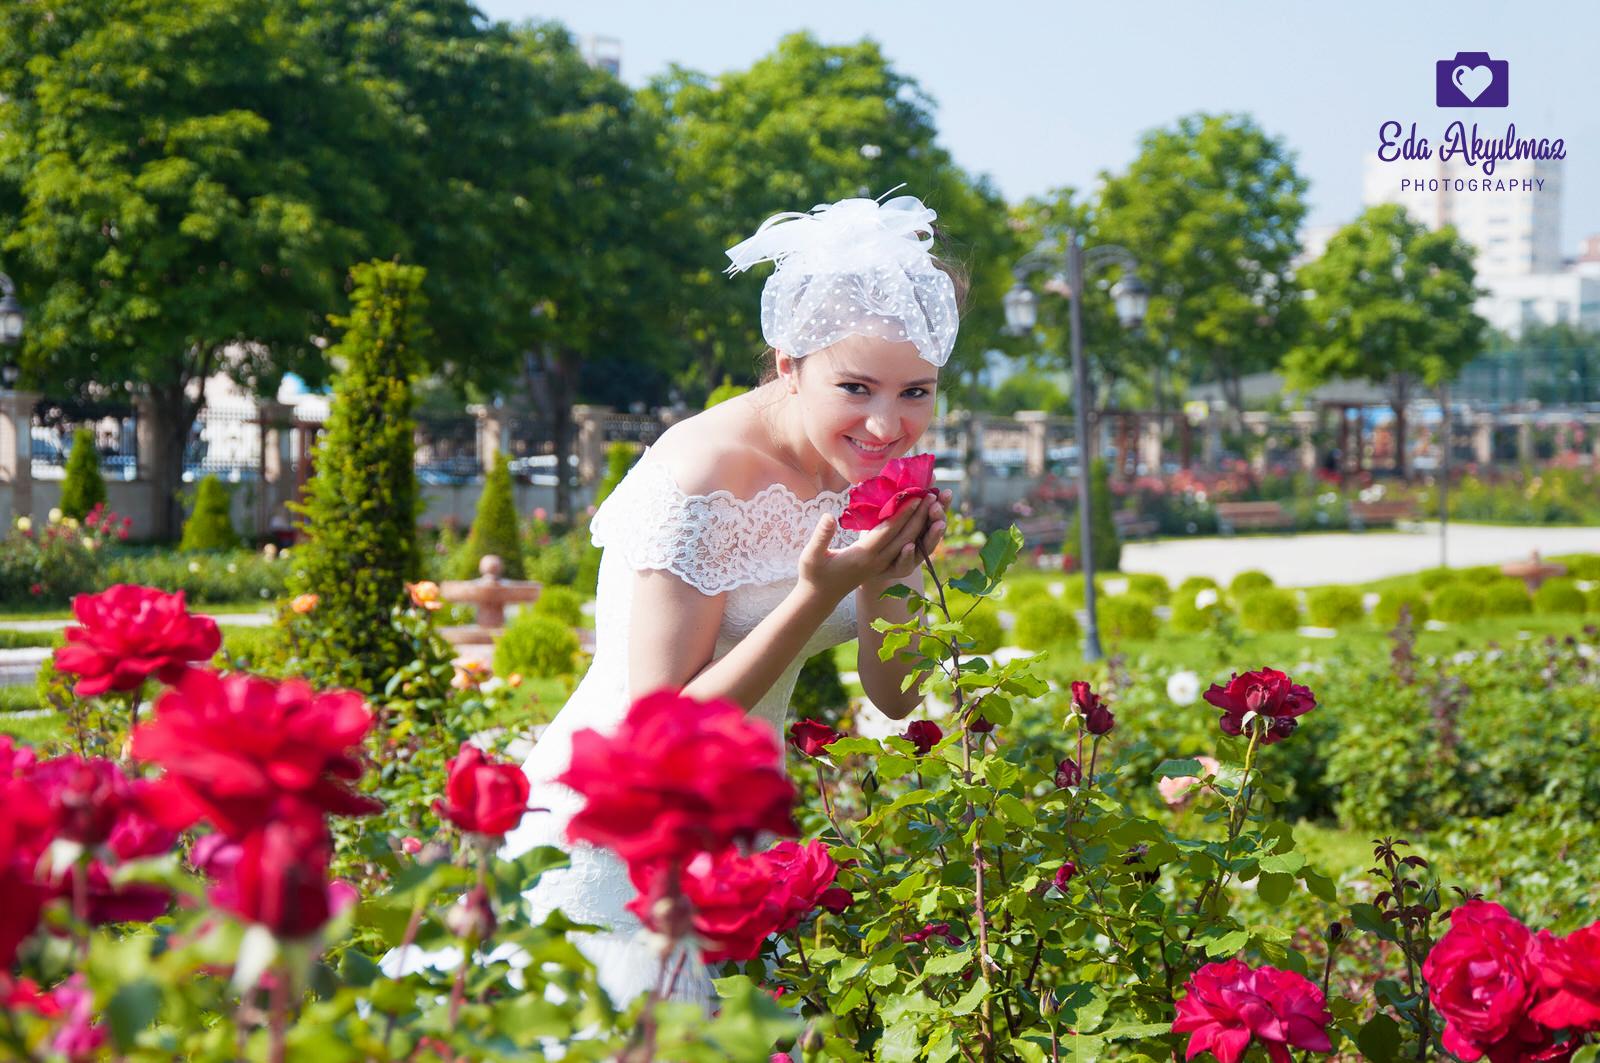 DSC_eda-akyilmaz-düğün-fotoğrafları08 copy.jpg